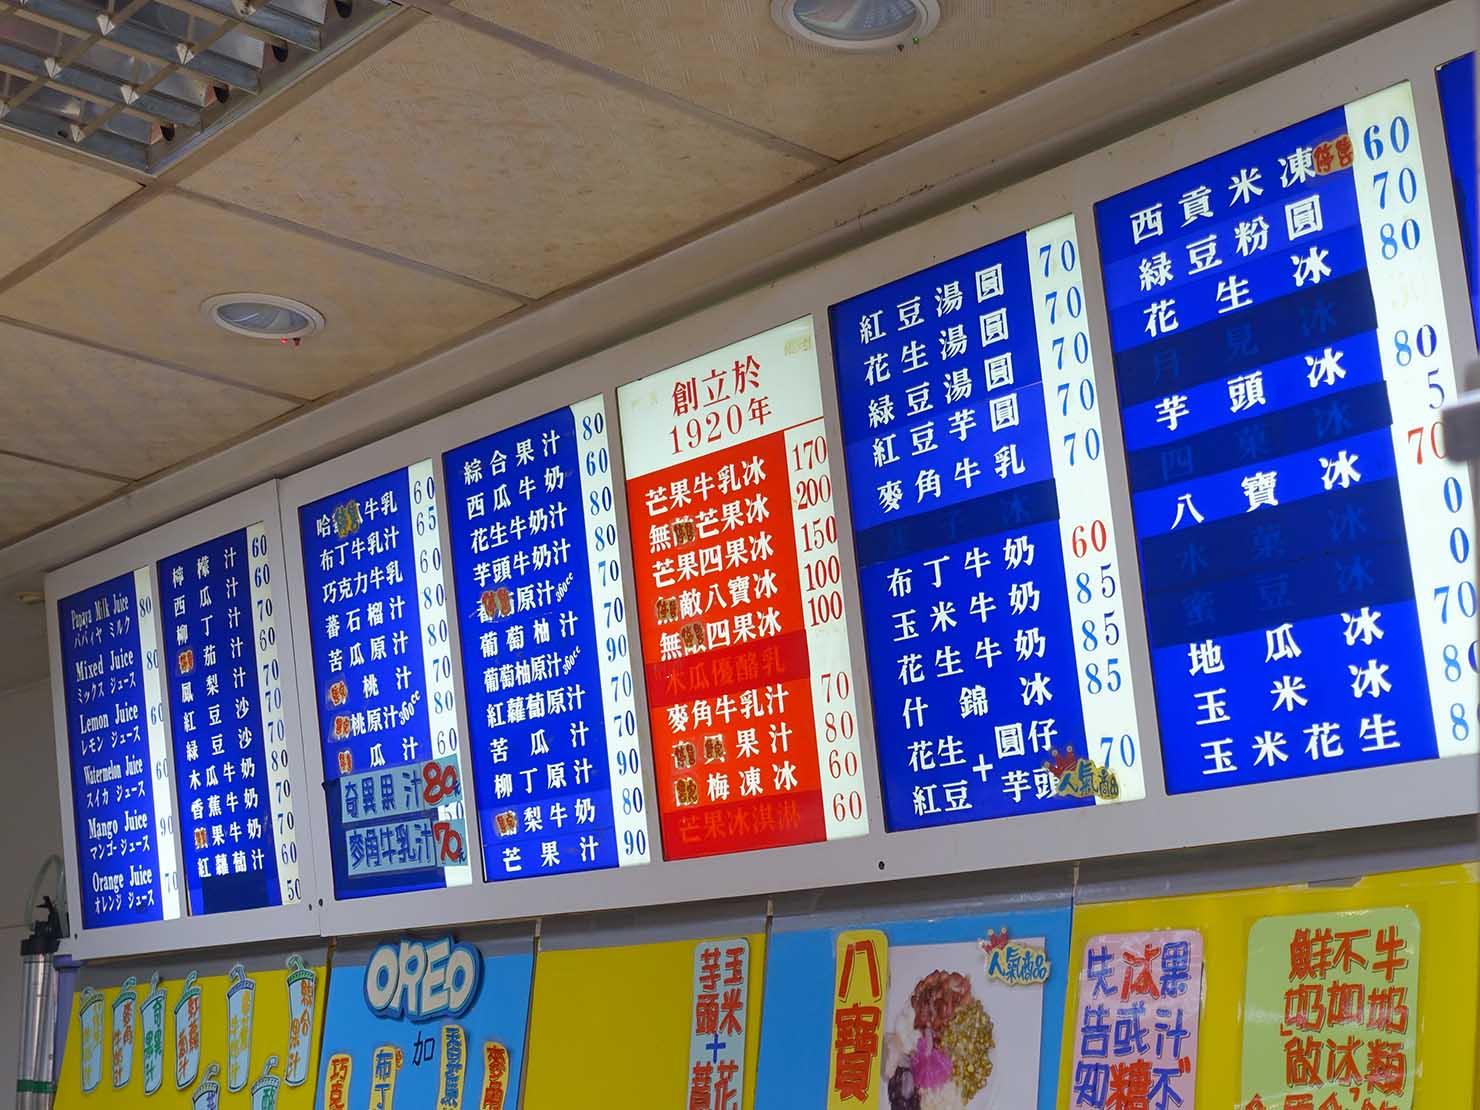 台北・龍山寺エリアのおすすめグルメ店「龍都冰菓專業家」のメニュー